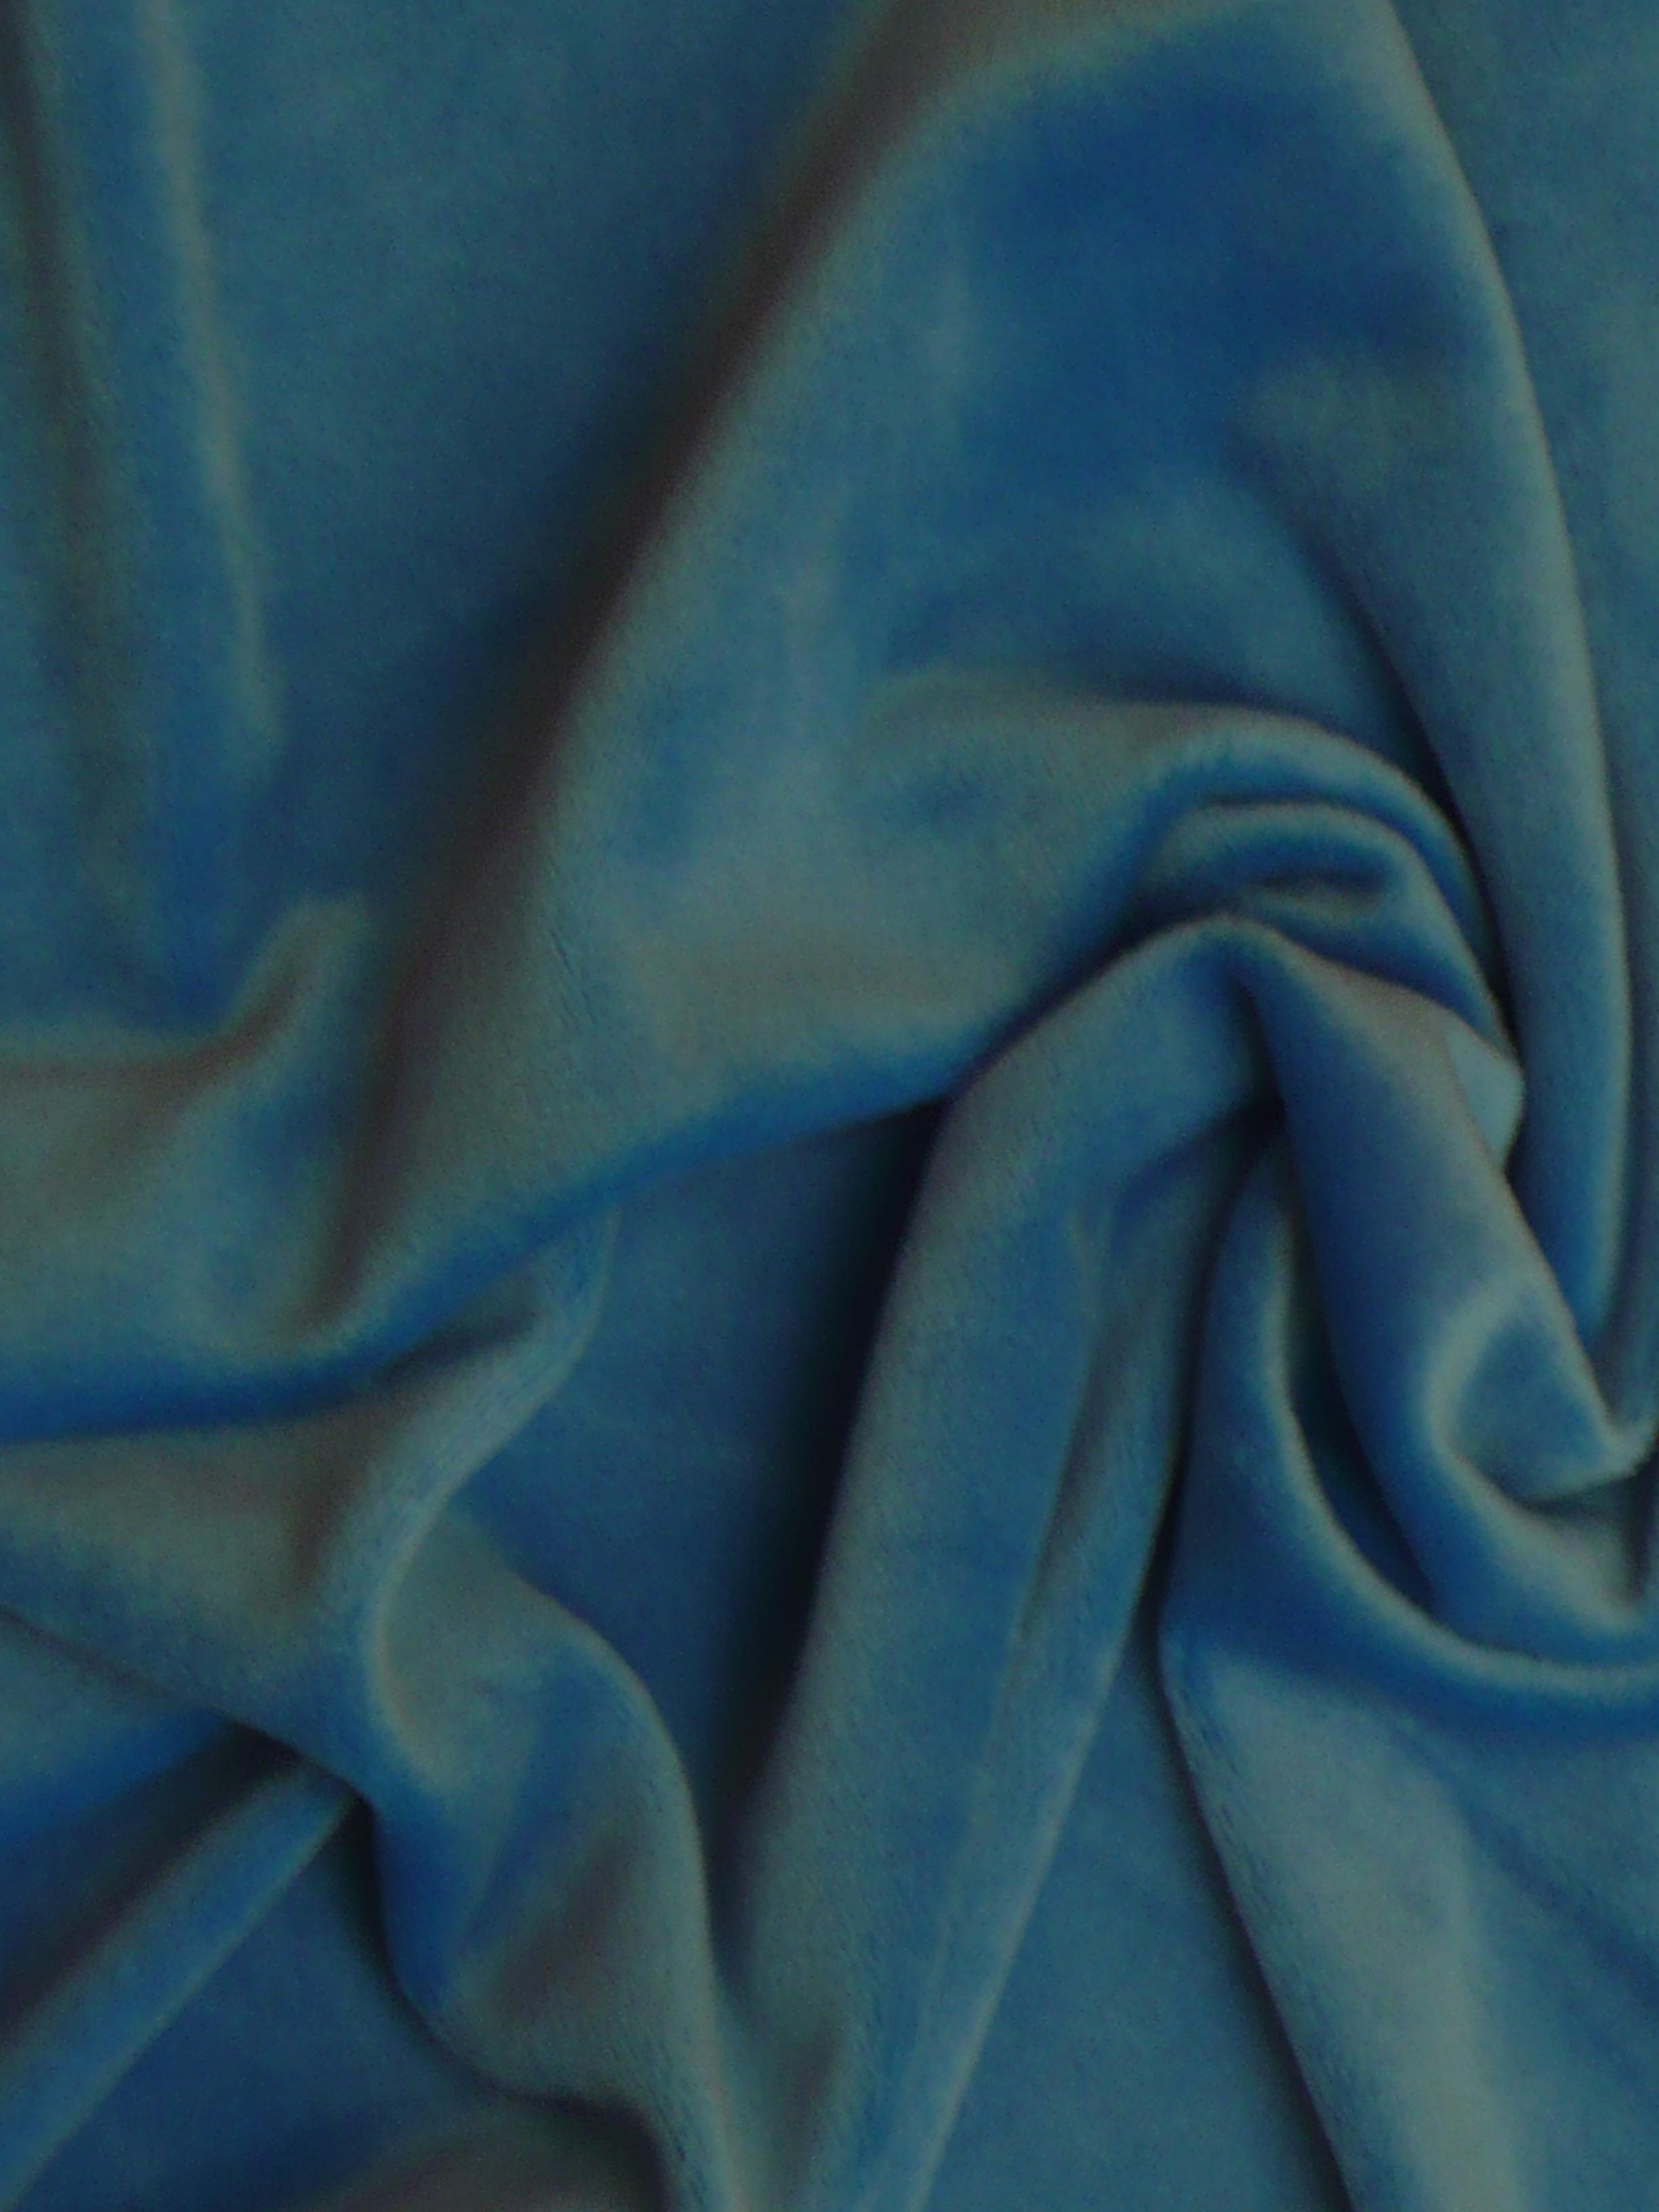 Вельбоа со спандексом МИ-015-029-ГЛ-7461